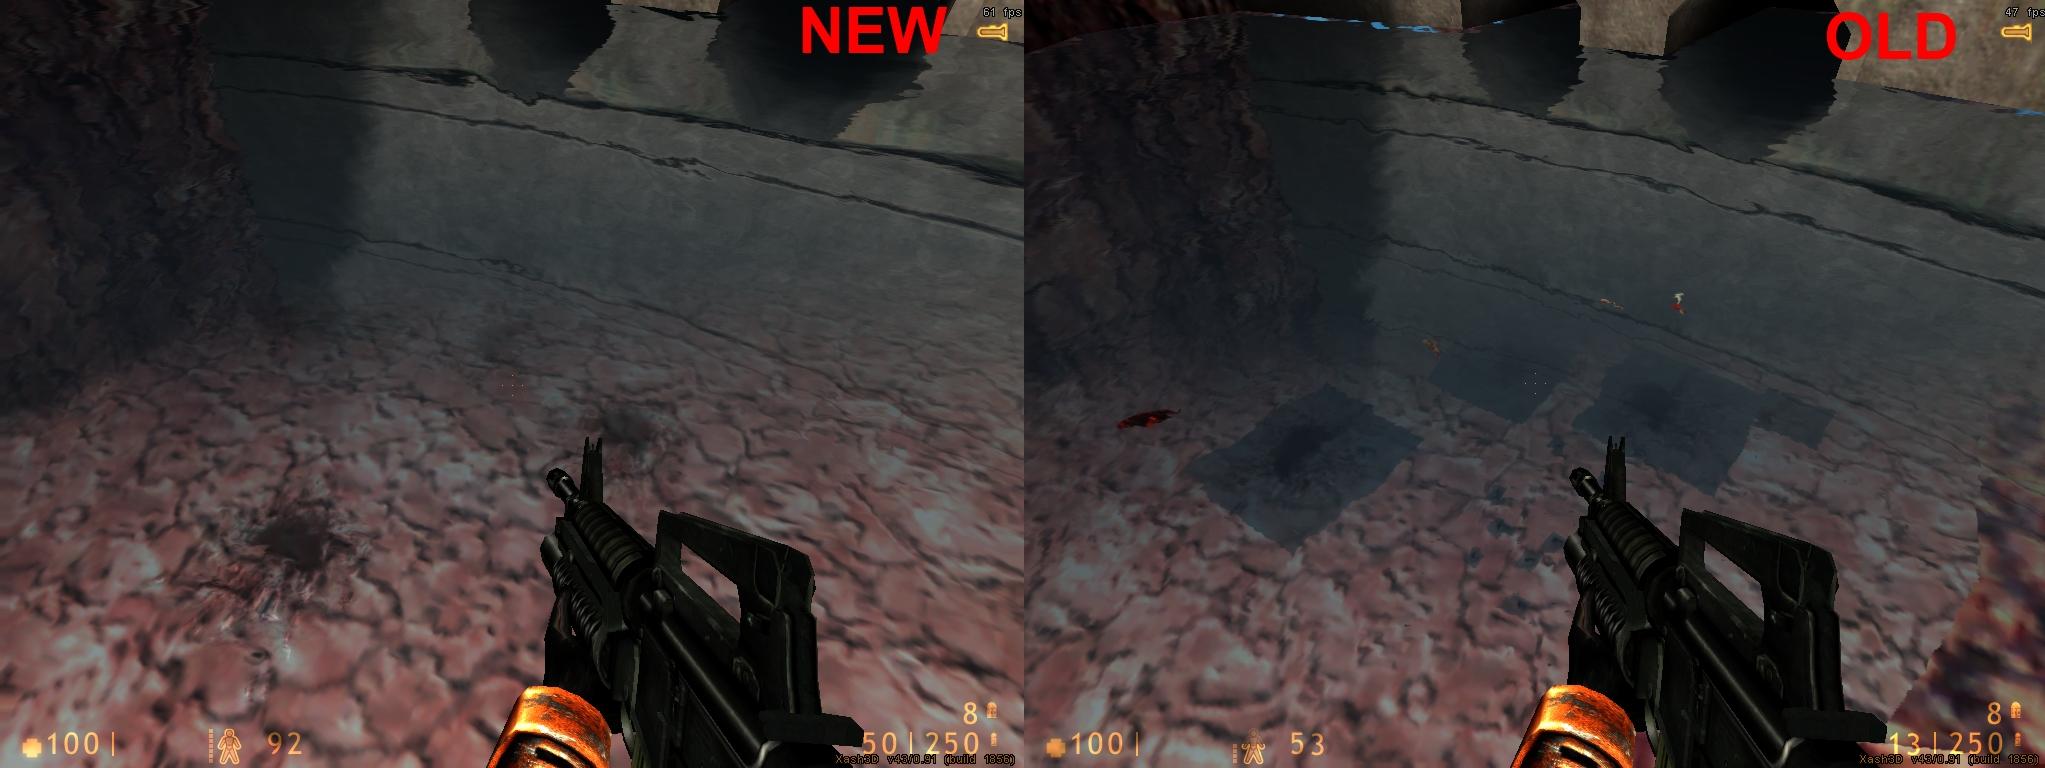 Decals bug fixed  image - Xash3D : Half-Life : Enhanced